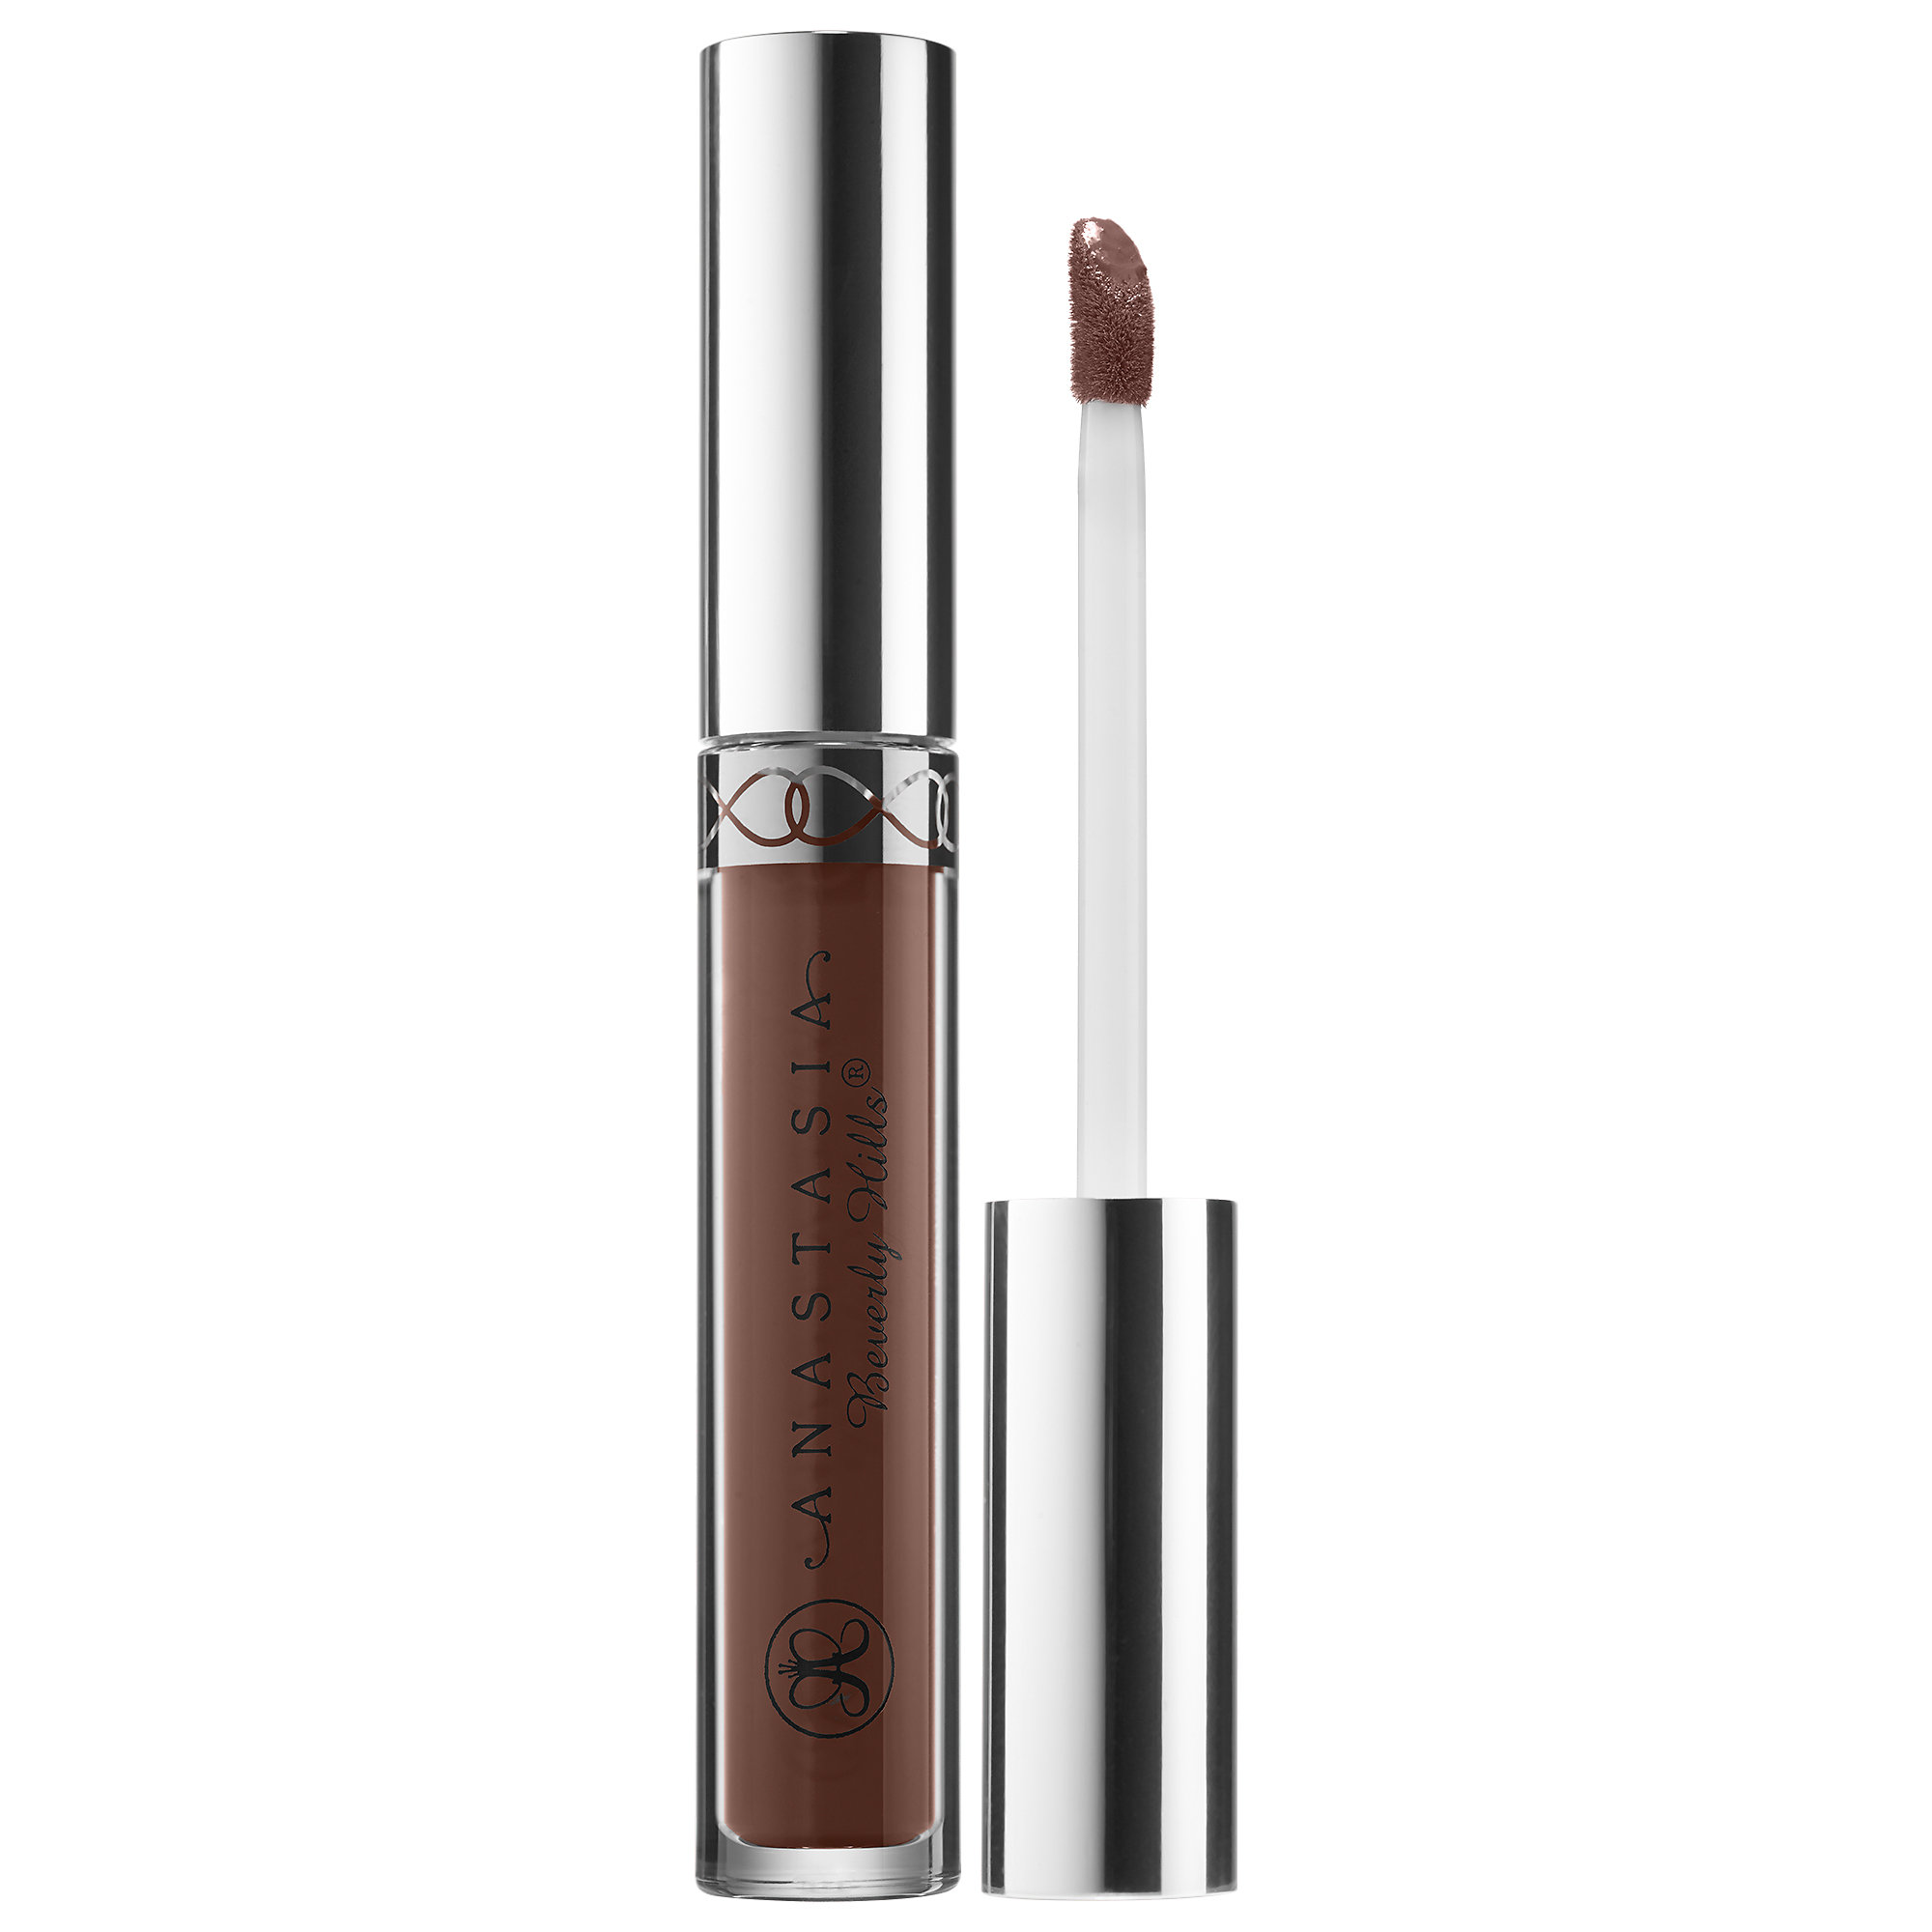 Anastasia Sepia Liquid Lipstick